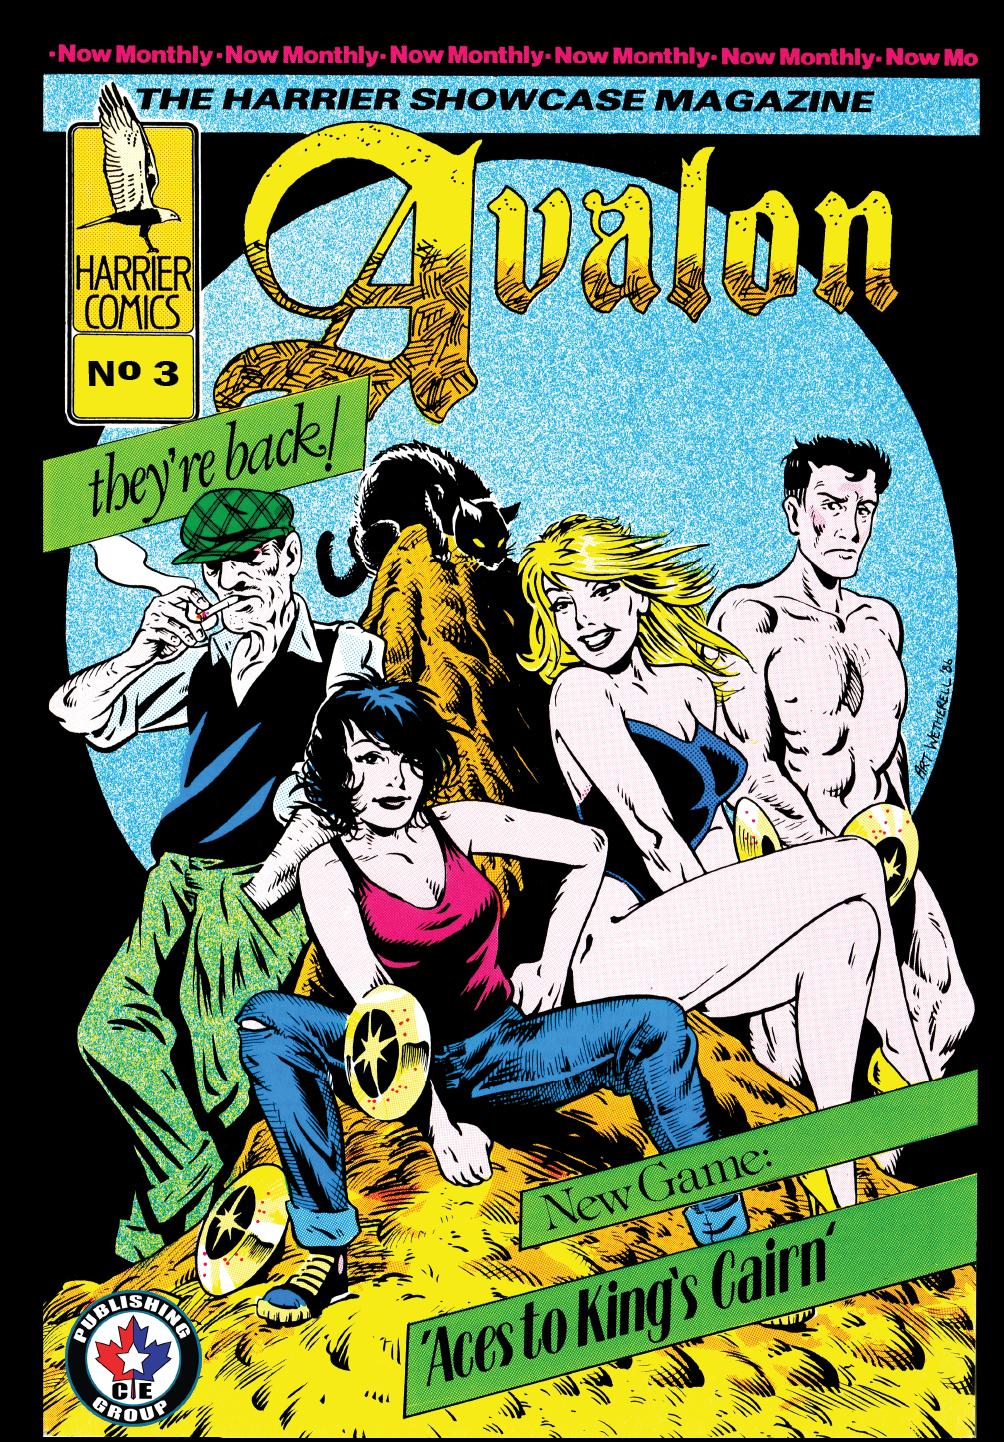 Avalon #3